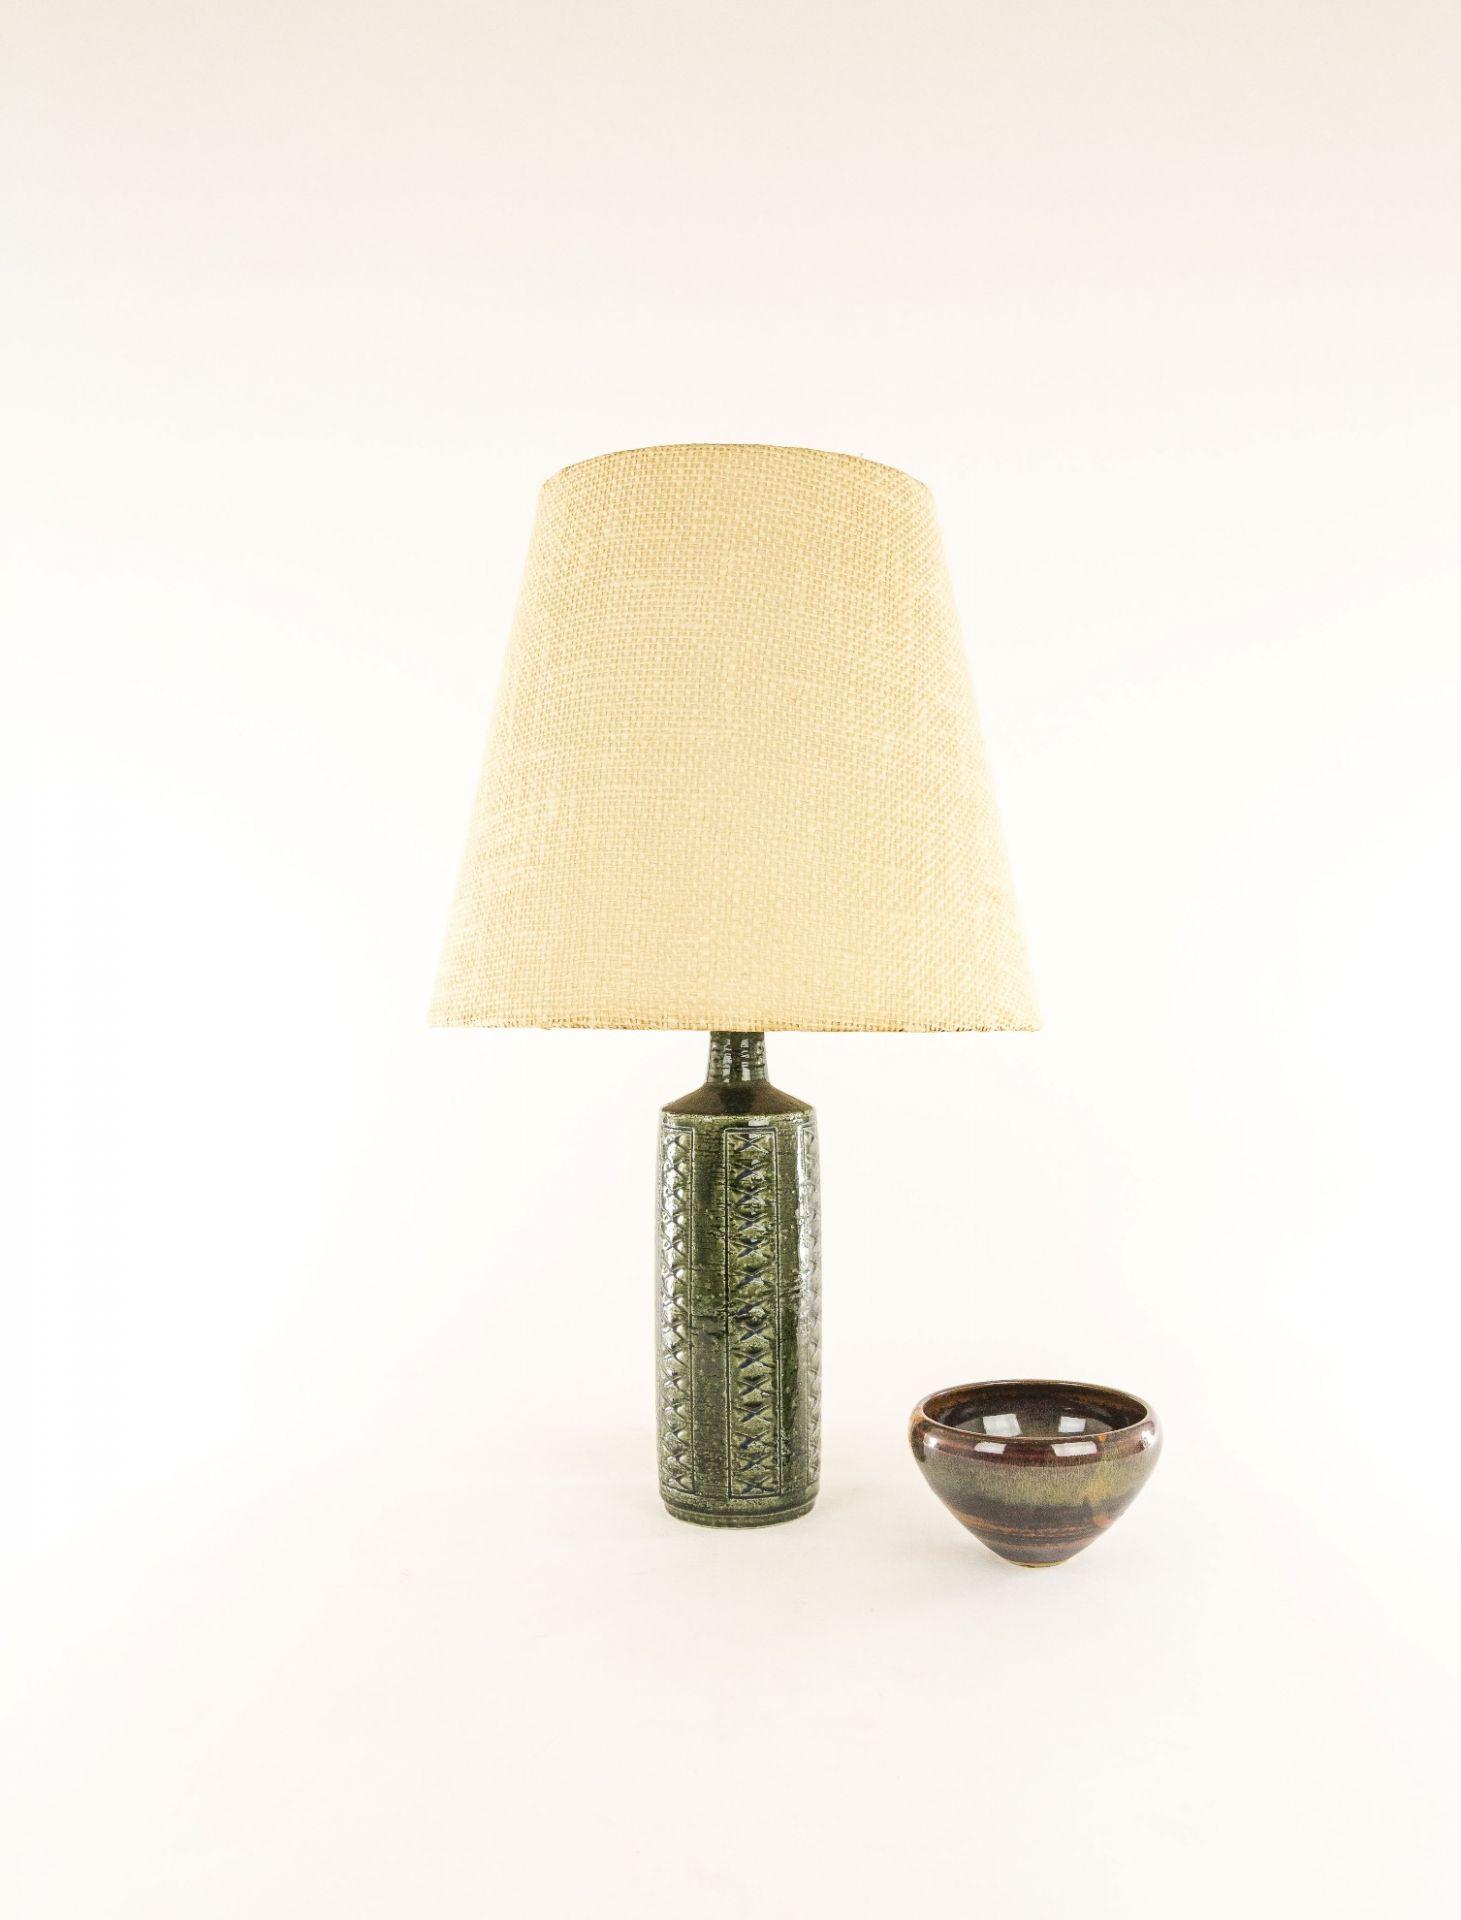 Palshus table lamp model DL/27 by Annelise and Per Linnemann-Schmidt, 1960s